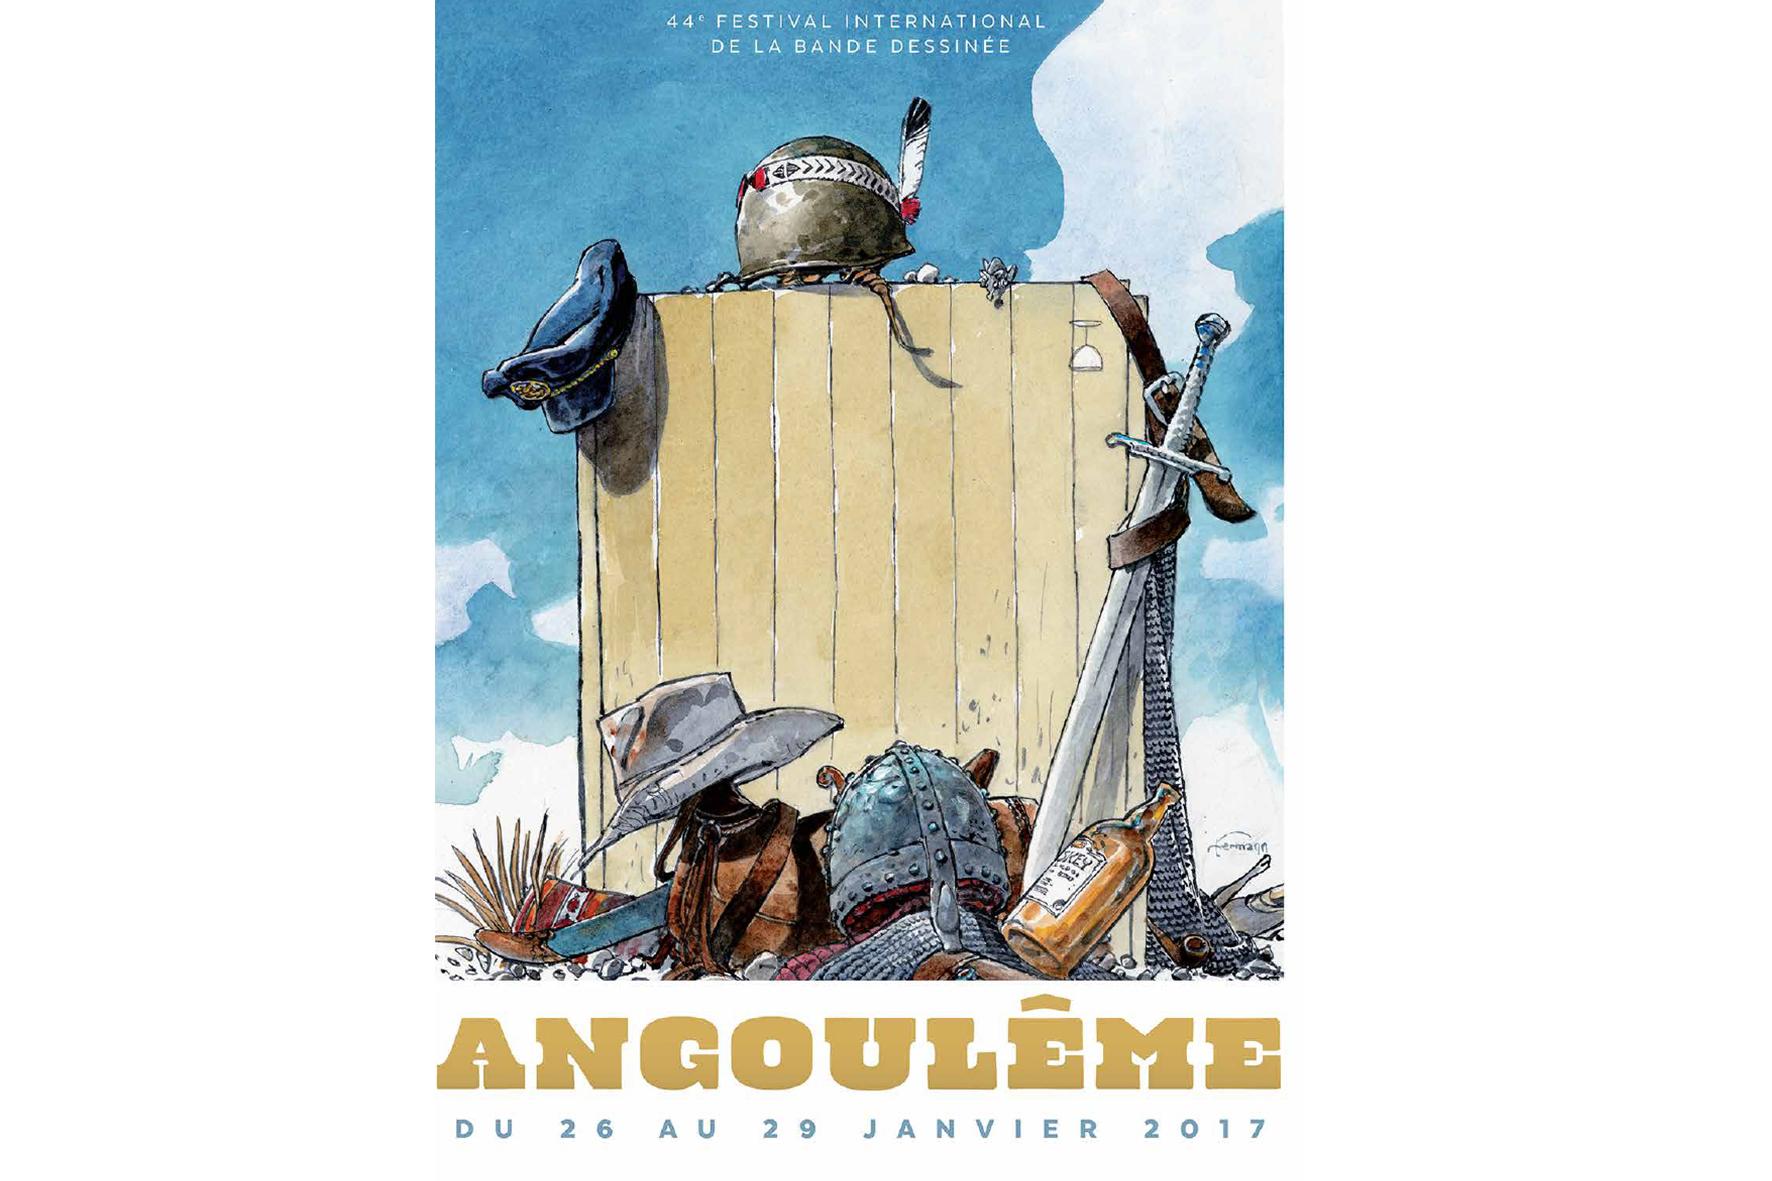 Cartell del 45è Festival International de la Bande Dessinée d'Angoulême.